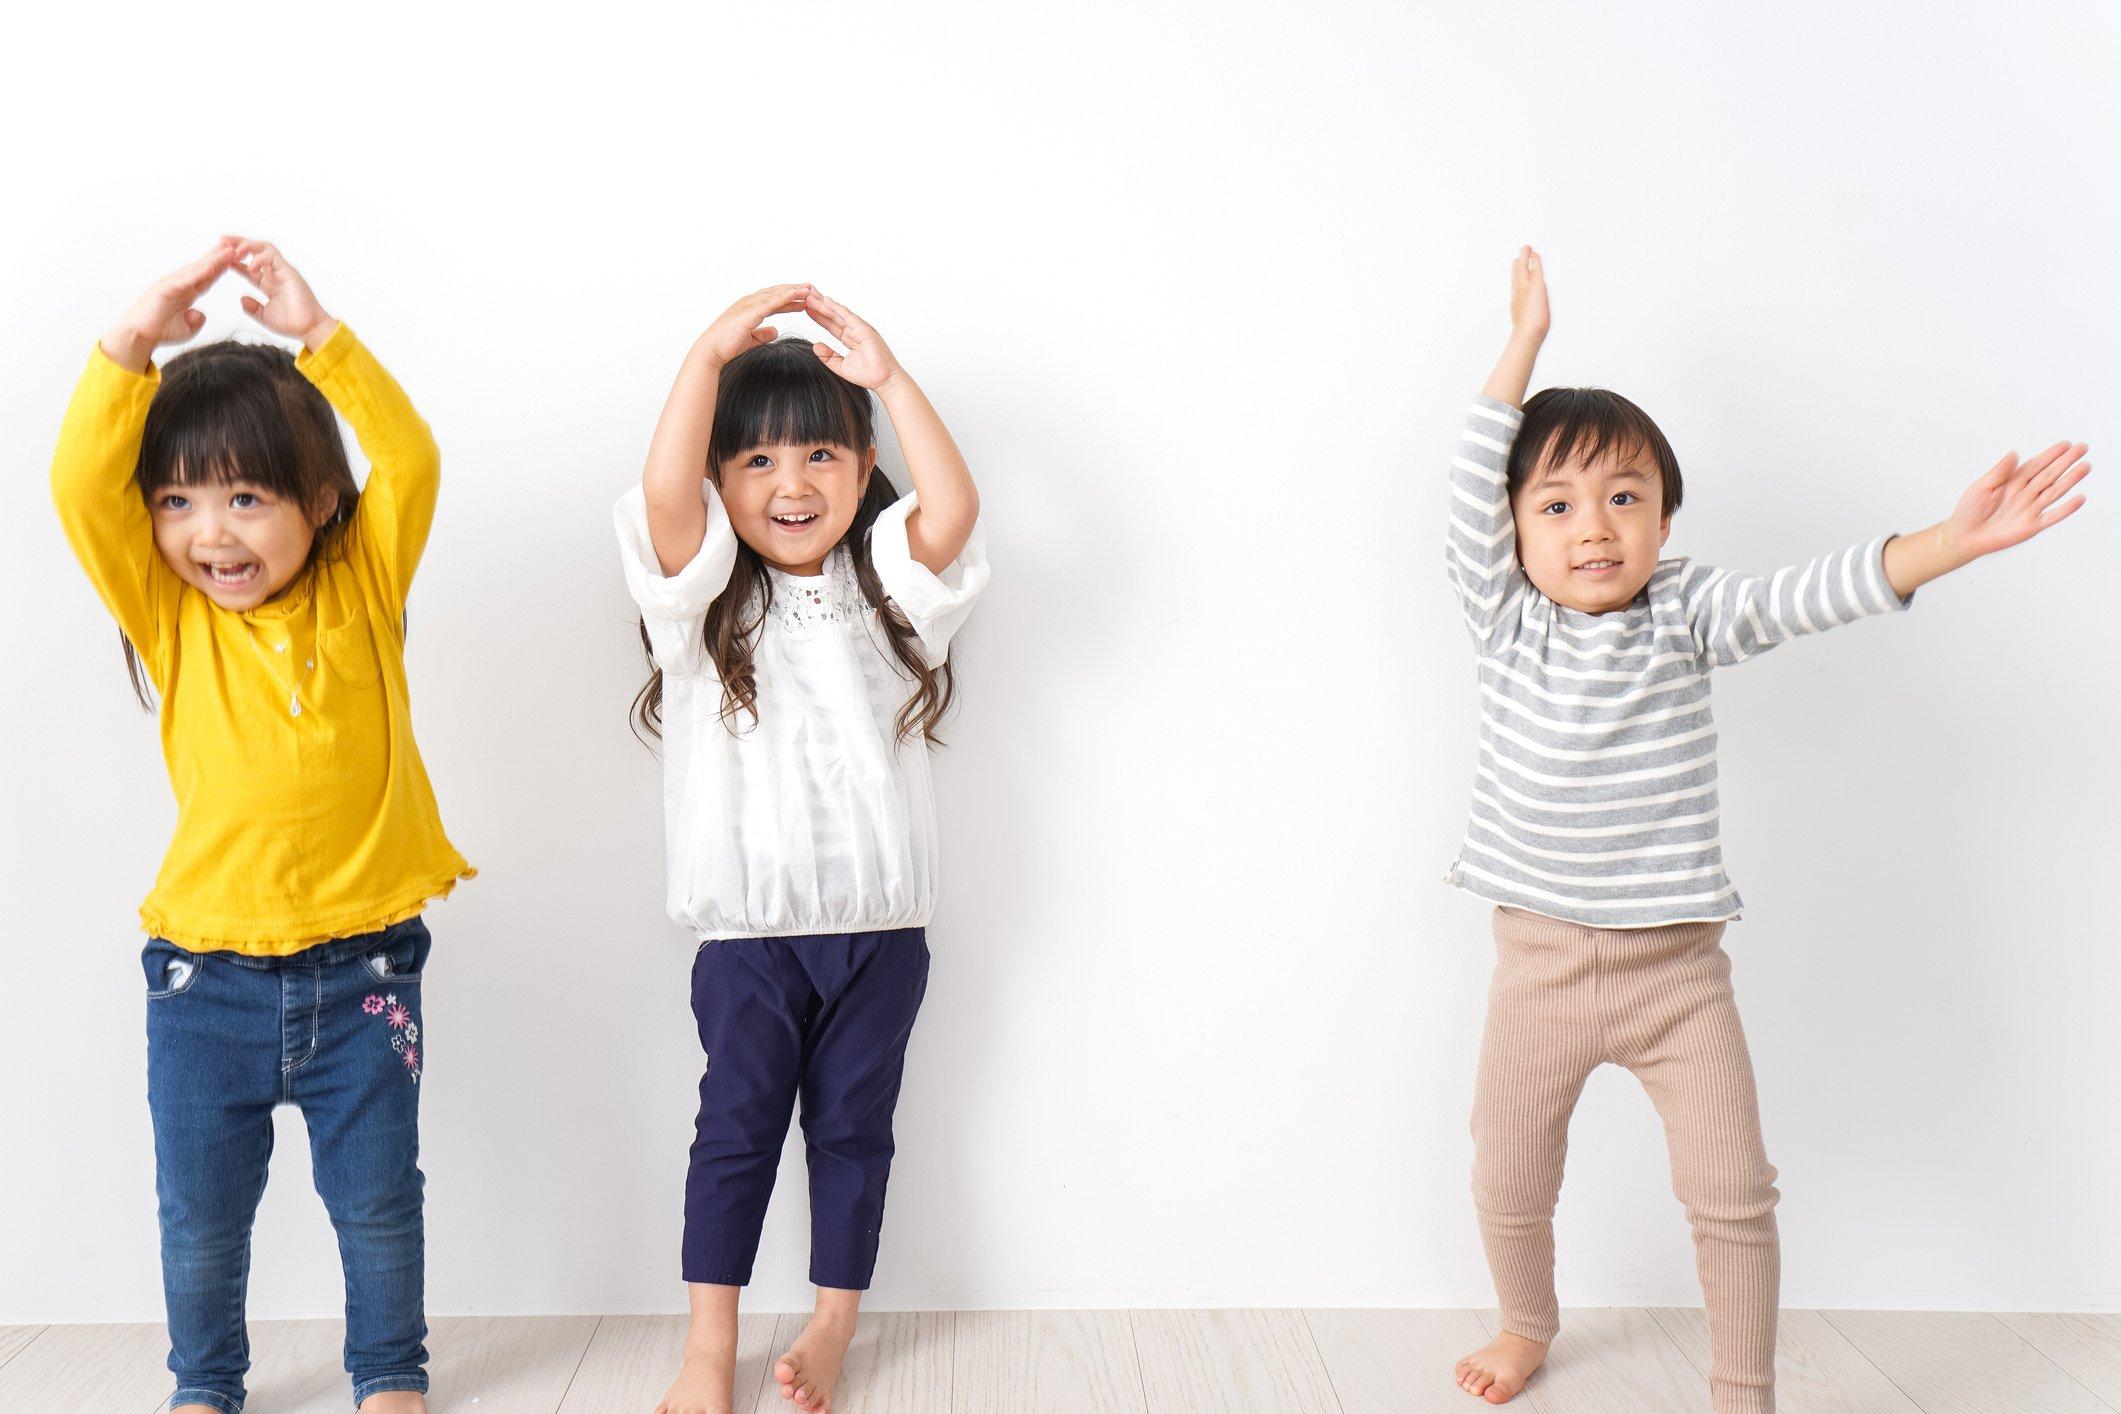 49 Activités Physiques Plaisantes À Faire Avec Des Enfants encequiconcerne Jeux En Ligne Garcon 3 Ans